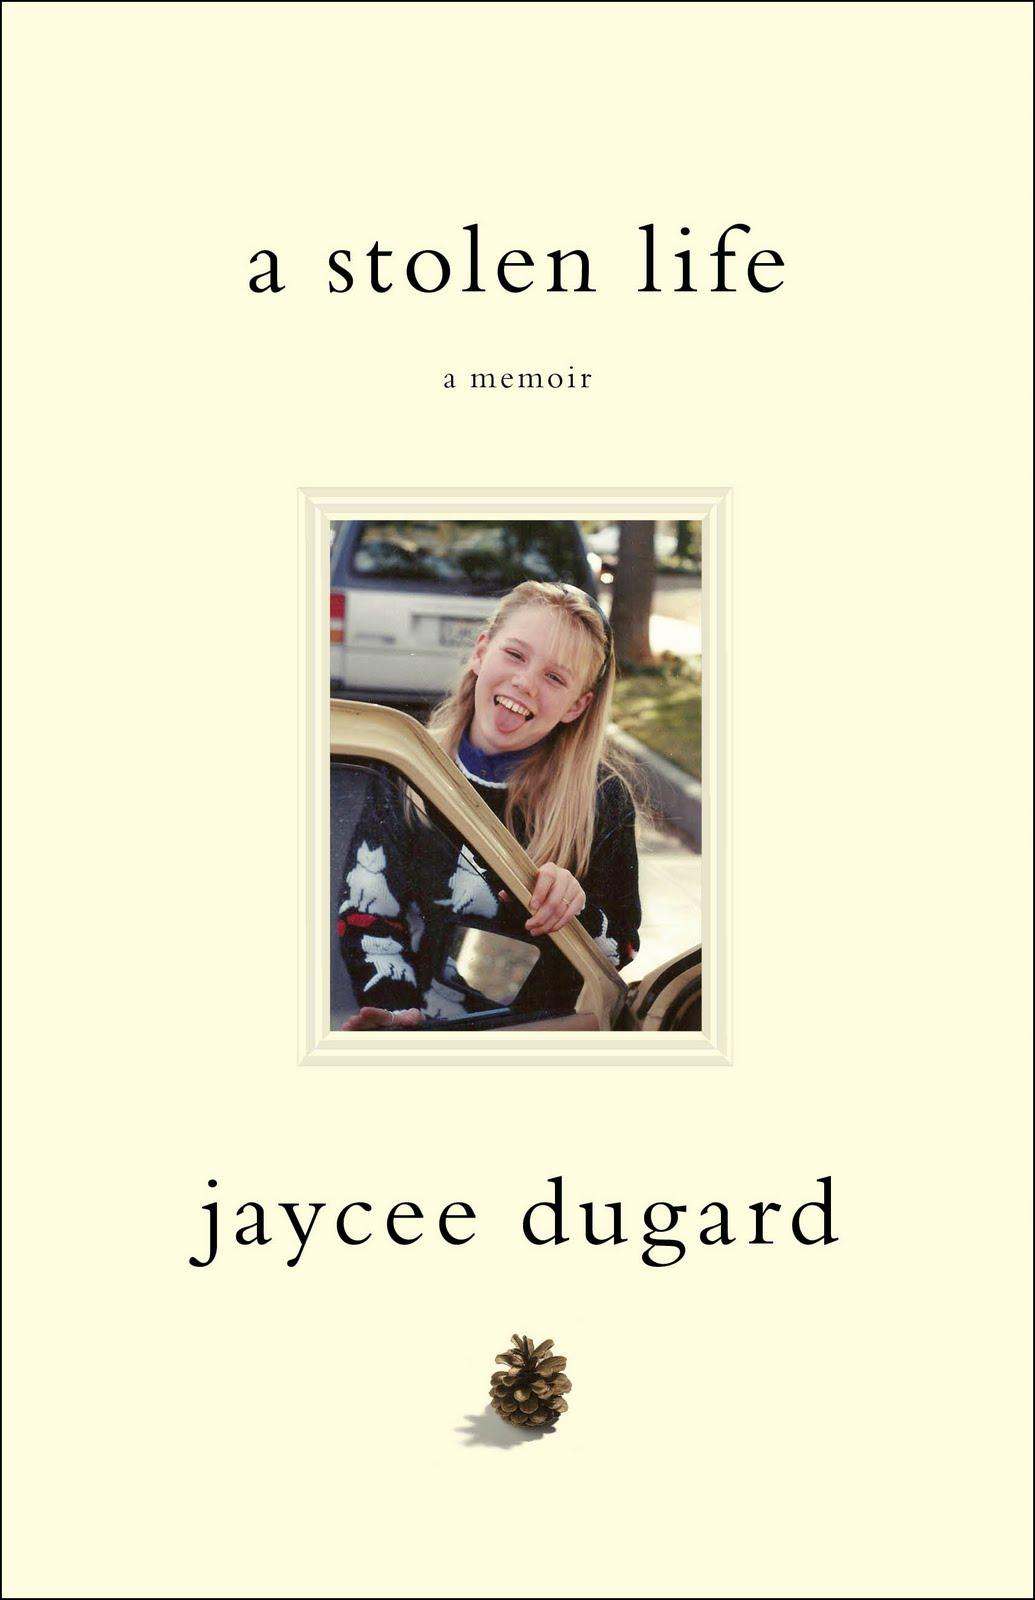 http://1.bp.blogspot.com/-ahBayxM02jw/Tvz6KJGCCRI/AAAAAAAACJw/JsDLFseX1VM/s1600/jaycee-dugard-book.jpg